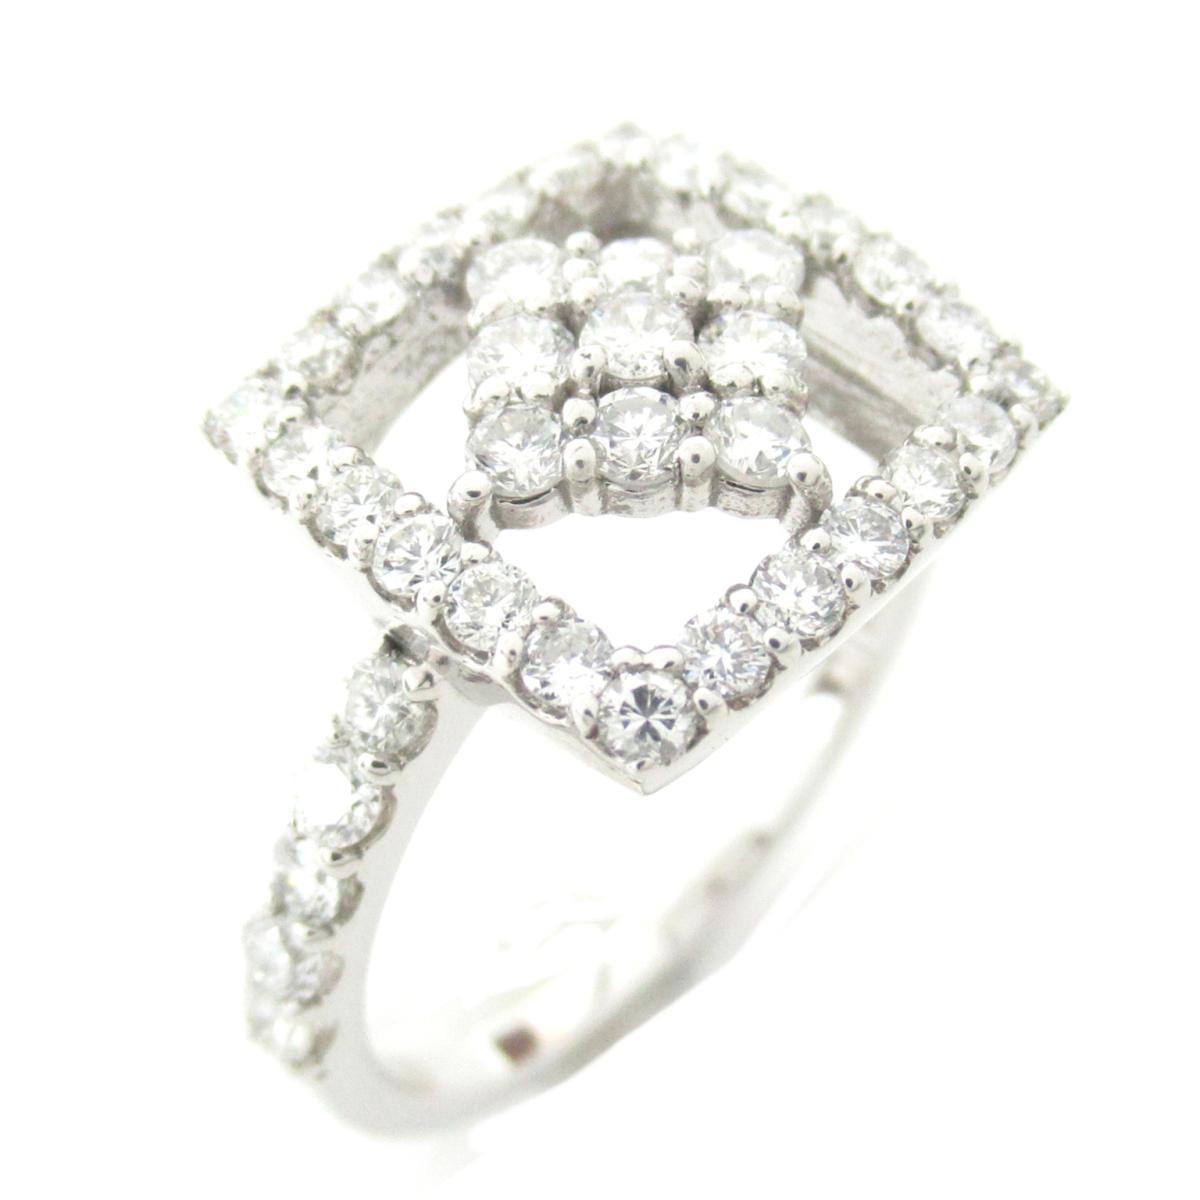 【中古】 ジュエリー ダイヤモンド リング 指輪 レディース K18WG (750) ホワイトゴールド x ダイヤモンド0.75ct | JEWELRY BRANDOFF ブランドオフ ブランド アクセサリー